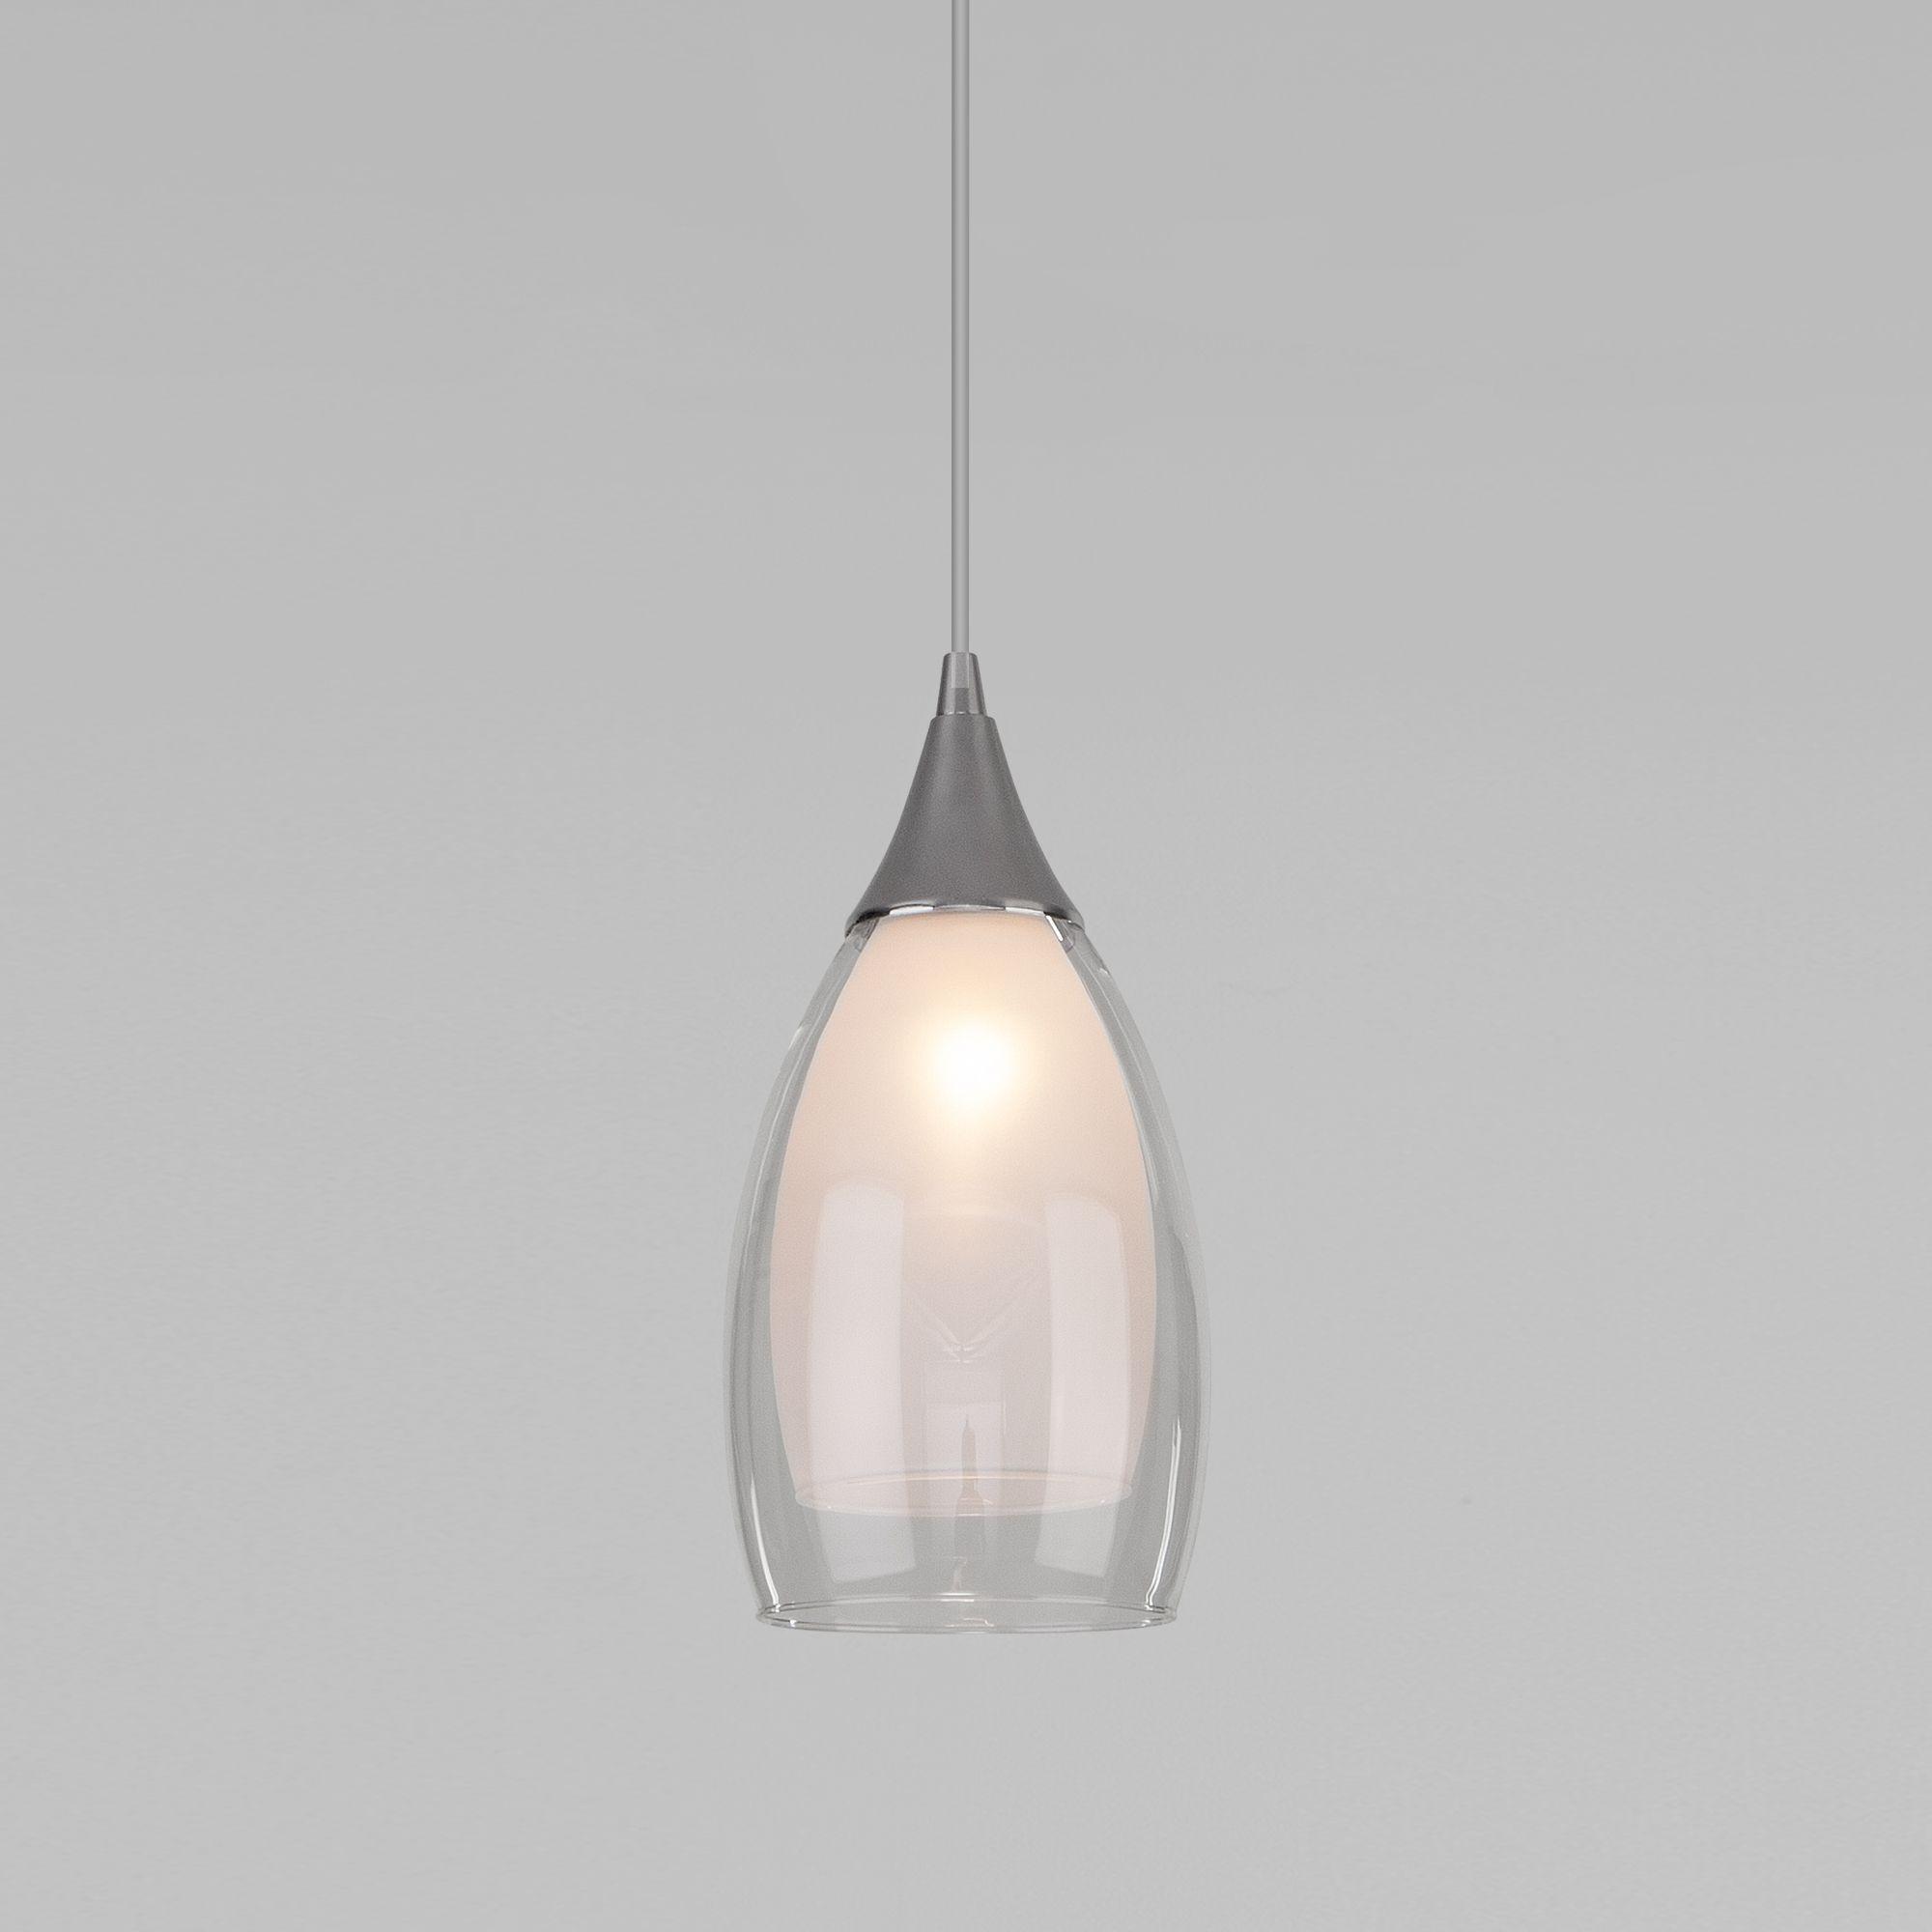 Подвесной светильник со стеклянным плафоном 50085/1 хром